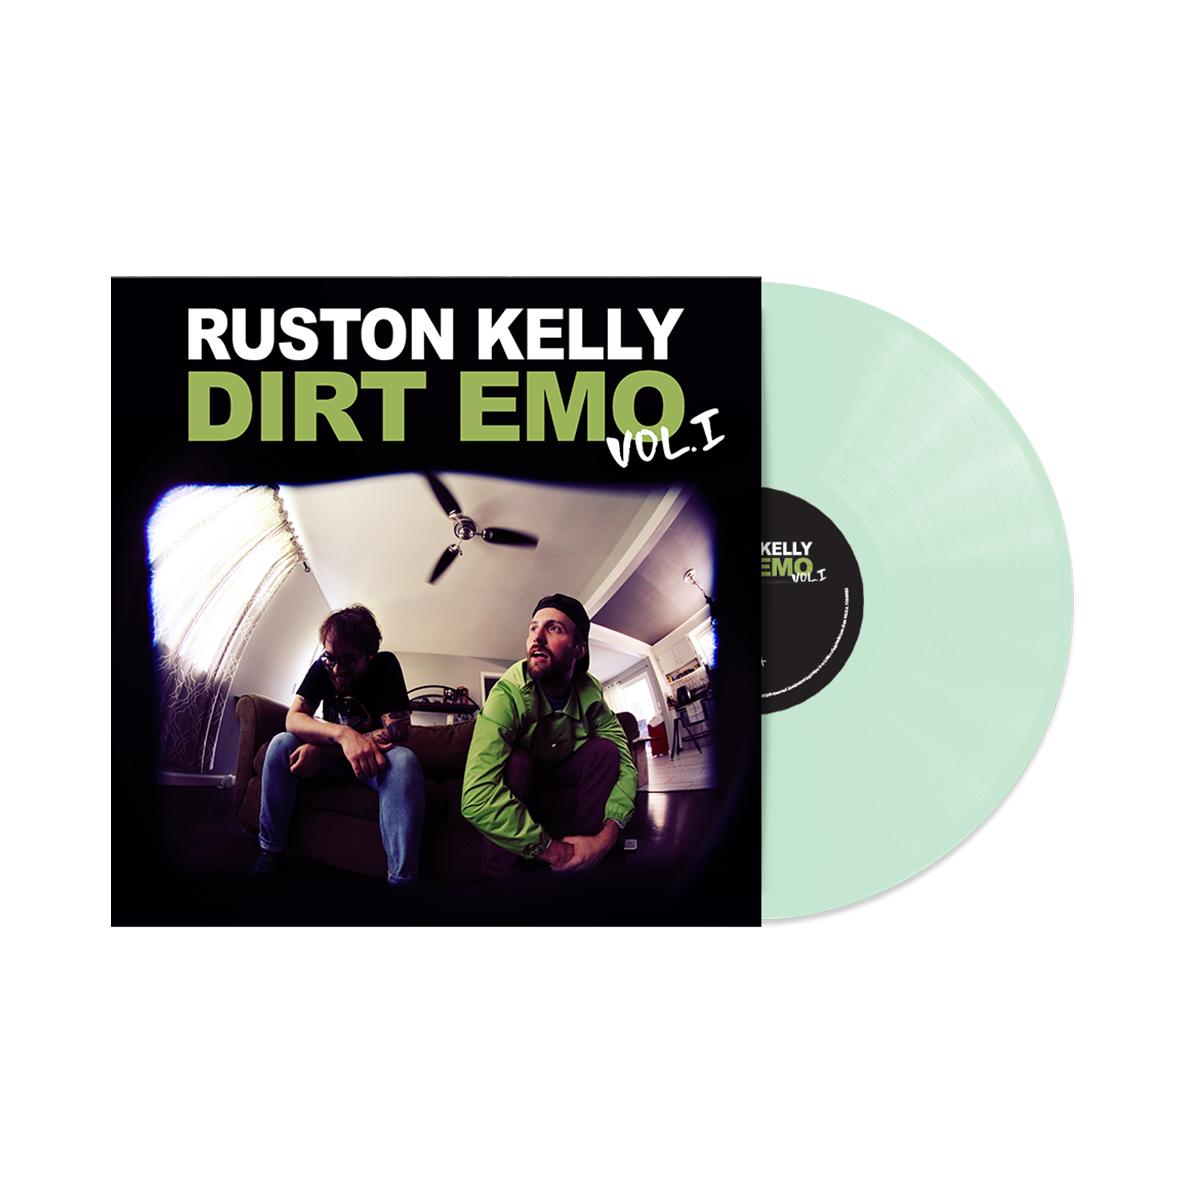 """""""Brightly Burst"""" Black Hoodie + Dirt Emo Vol 1. Glow-in-the-dark Vinyl or download (optional)"""